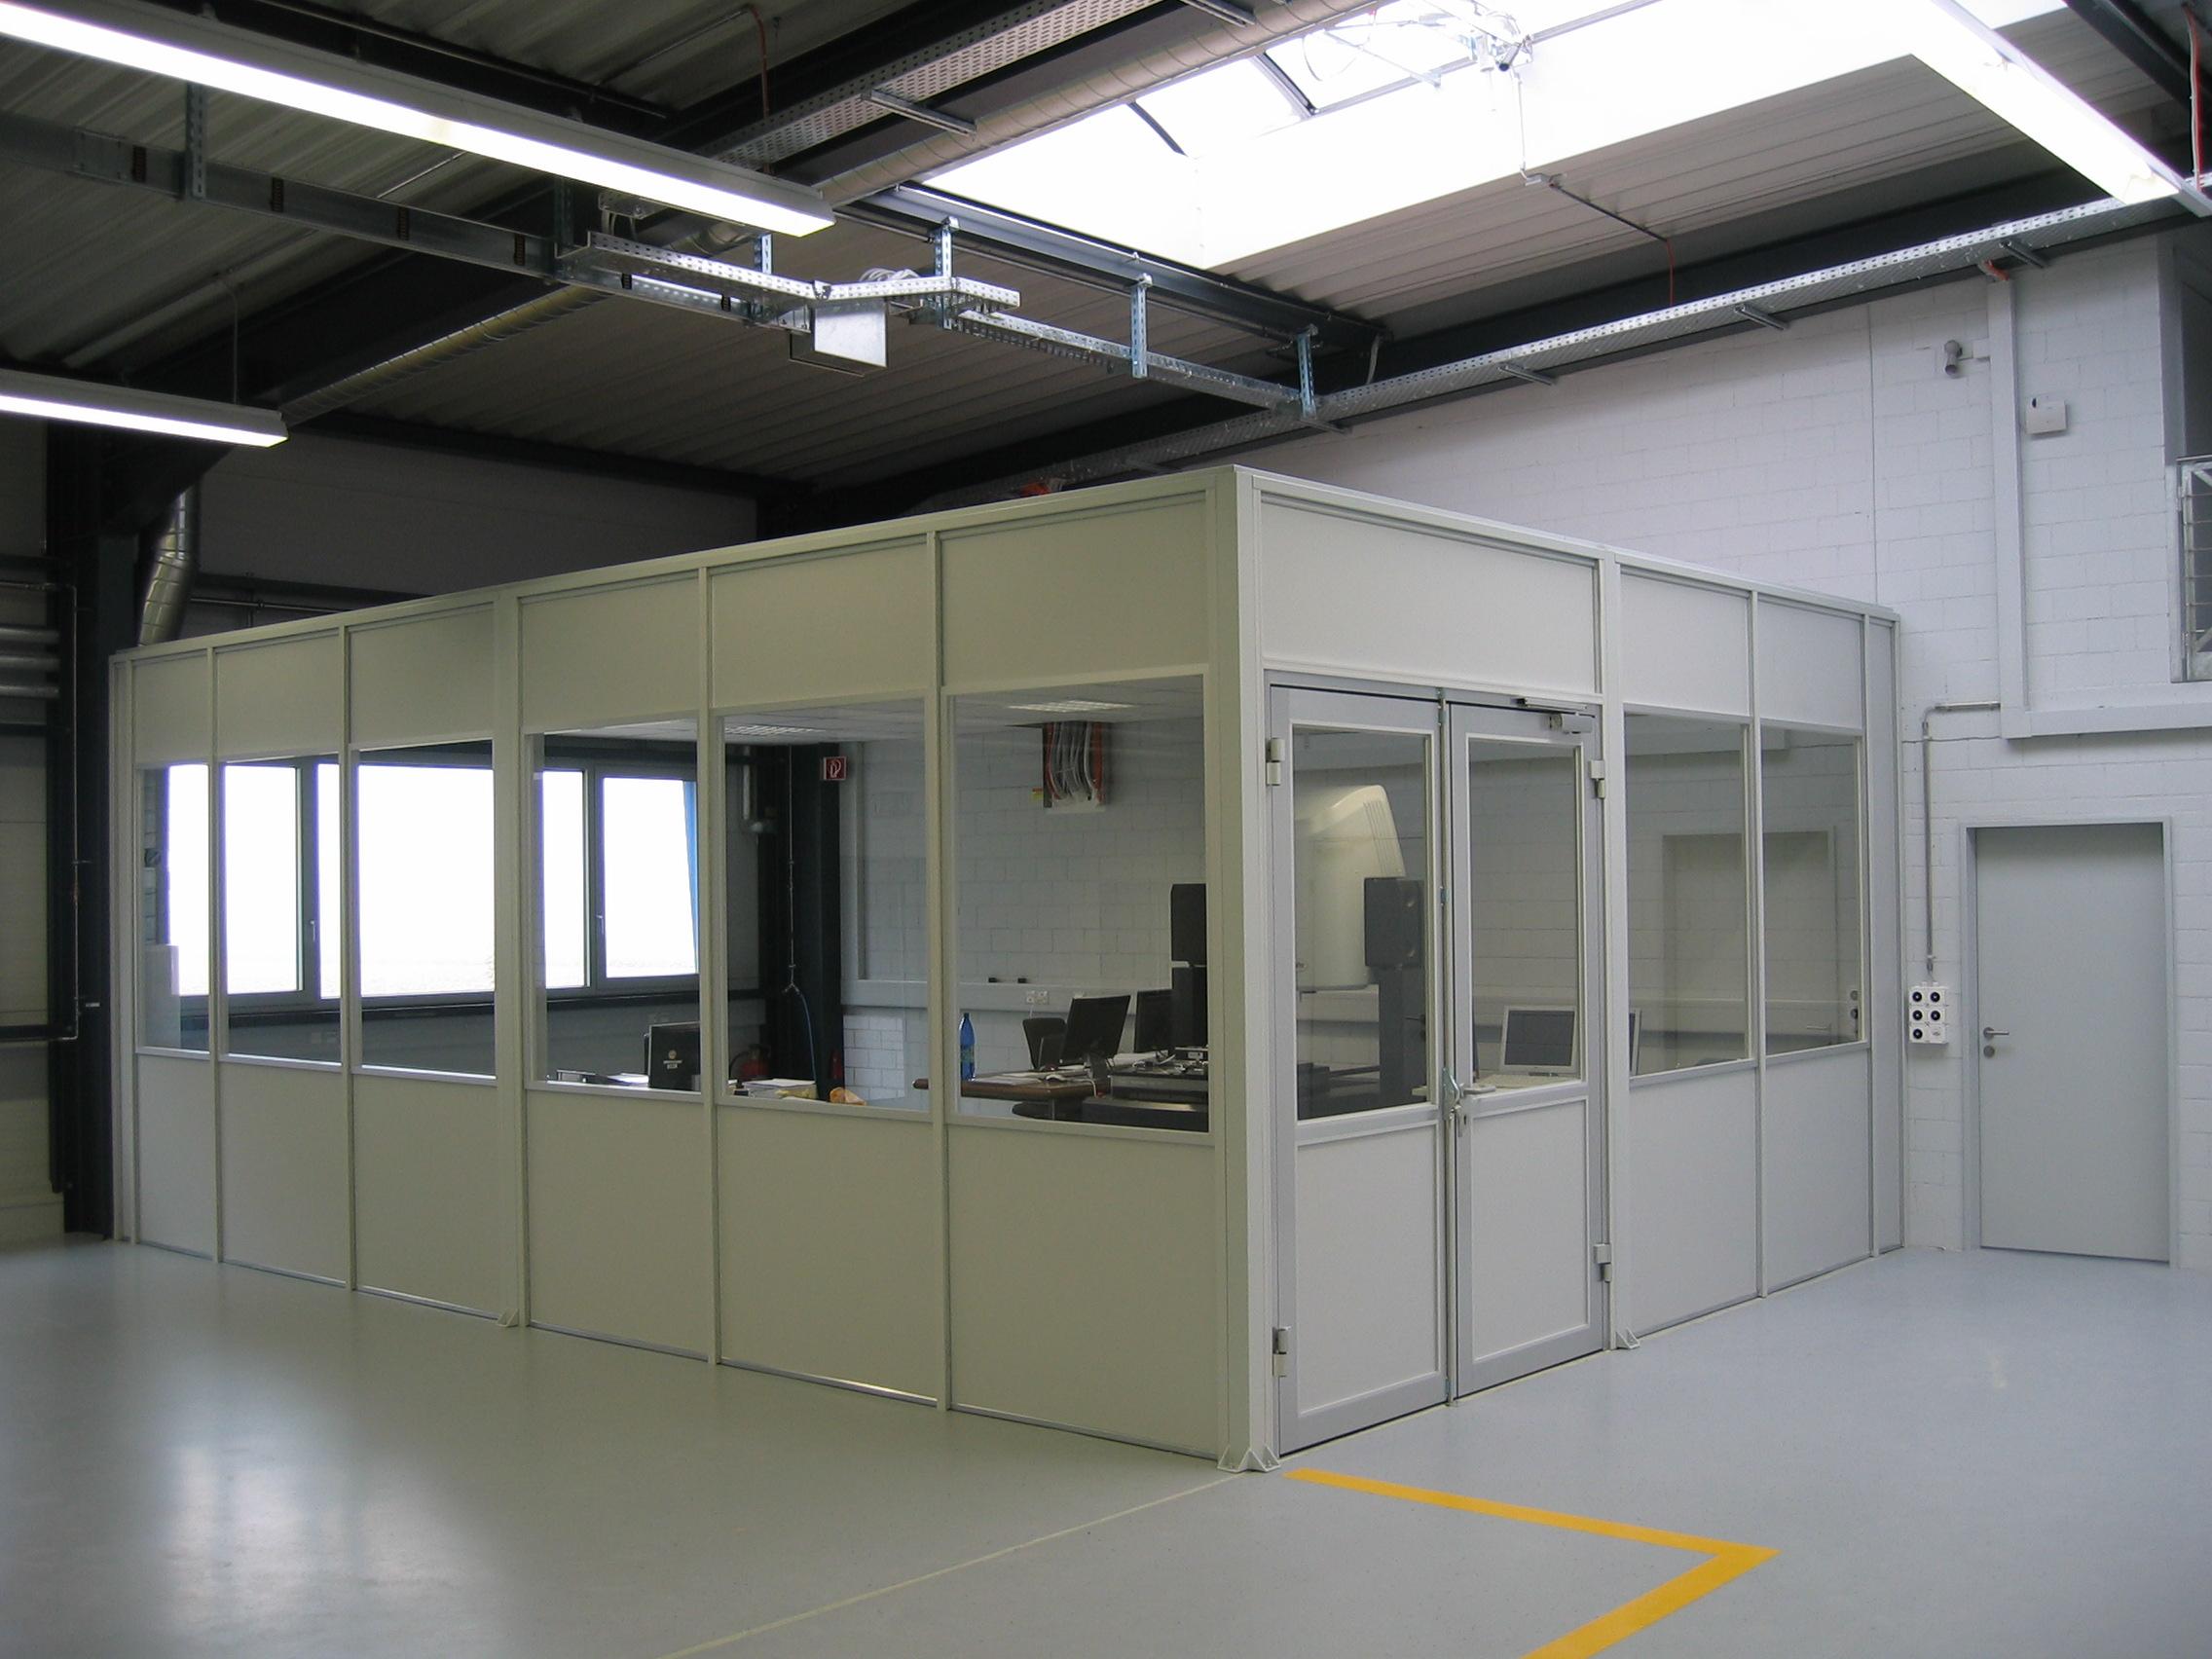 Bedarfsgerechte Raum-in-Raum-Lösungen Flexible, bedarfsgerechte Räume Raumnutzung auf mehreren Ebene...